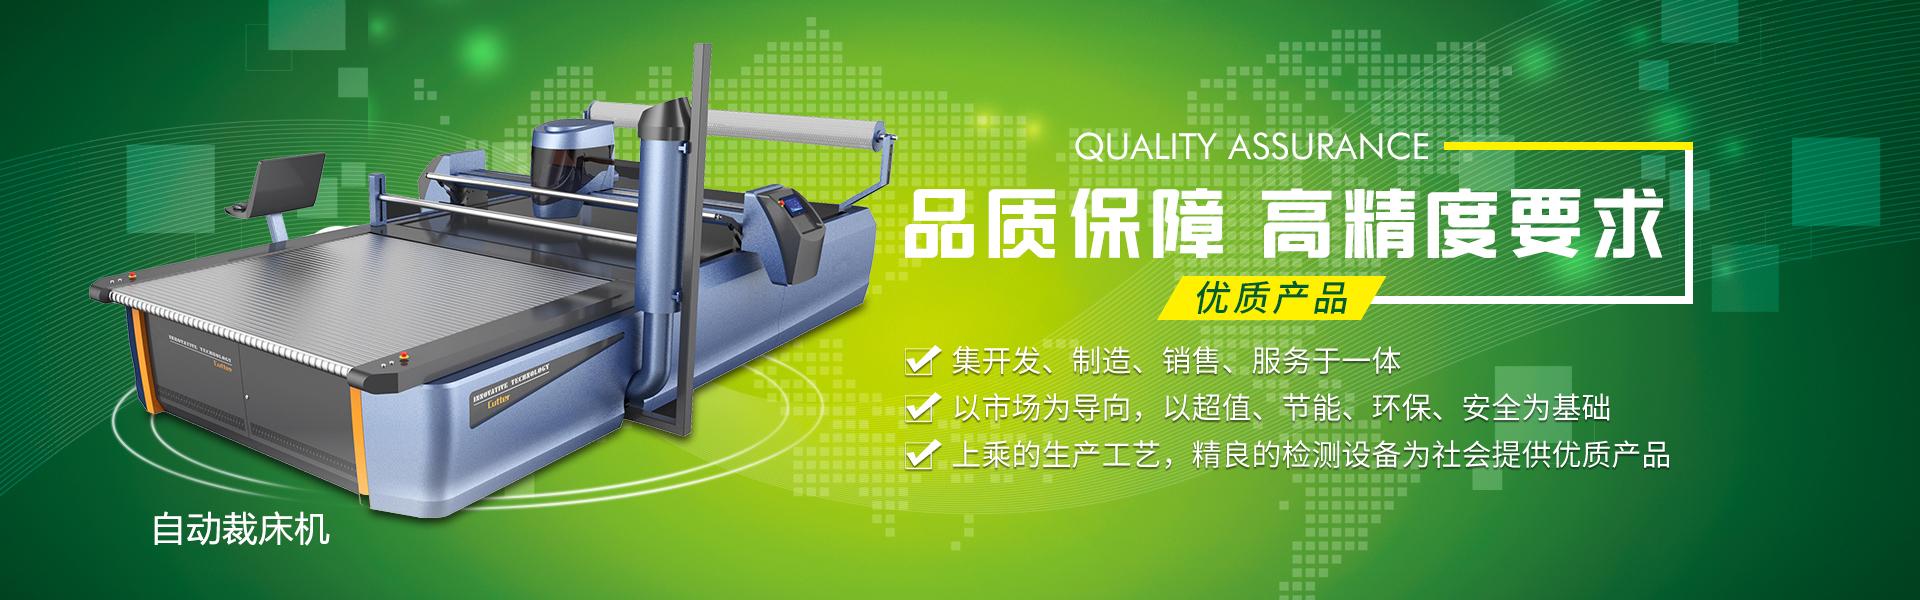 肇庆市易利服装机械有限公司成立于1992年,是一家集开发、制造、销售、服务于一体的服装机械设备制造。